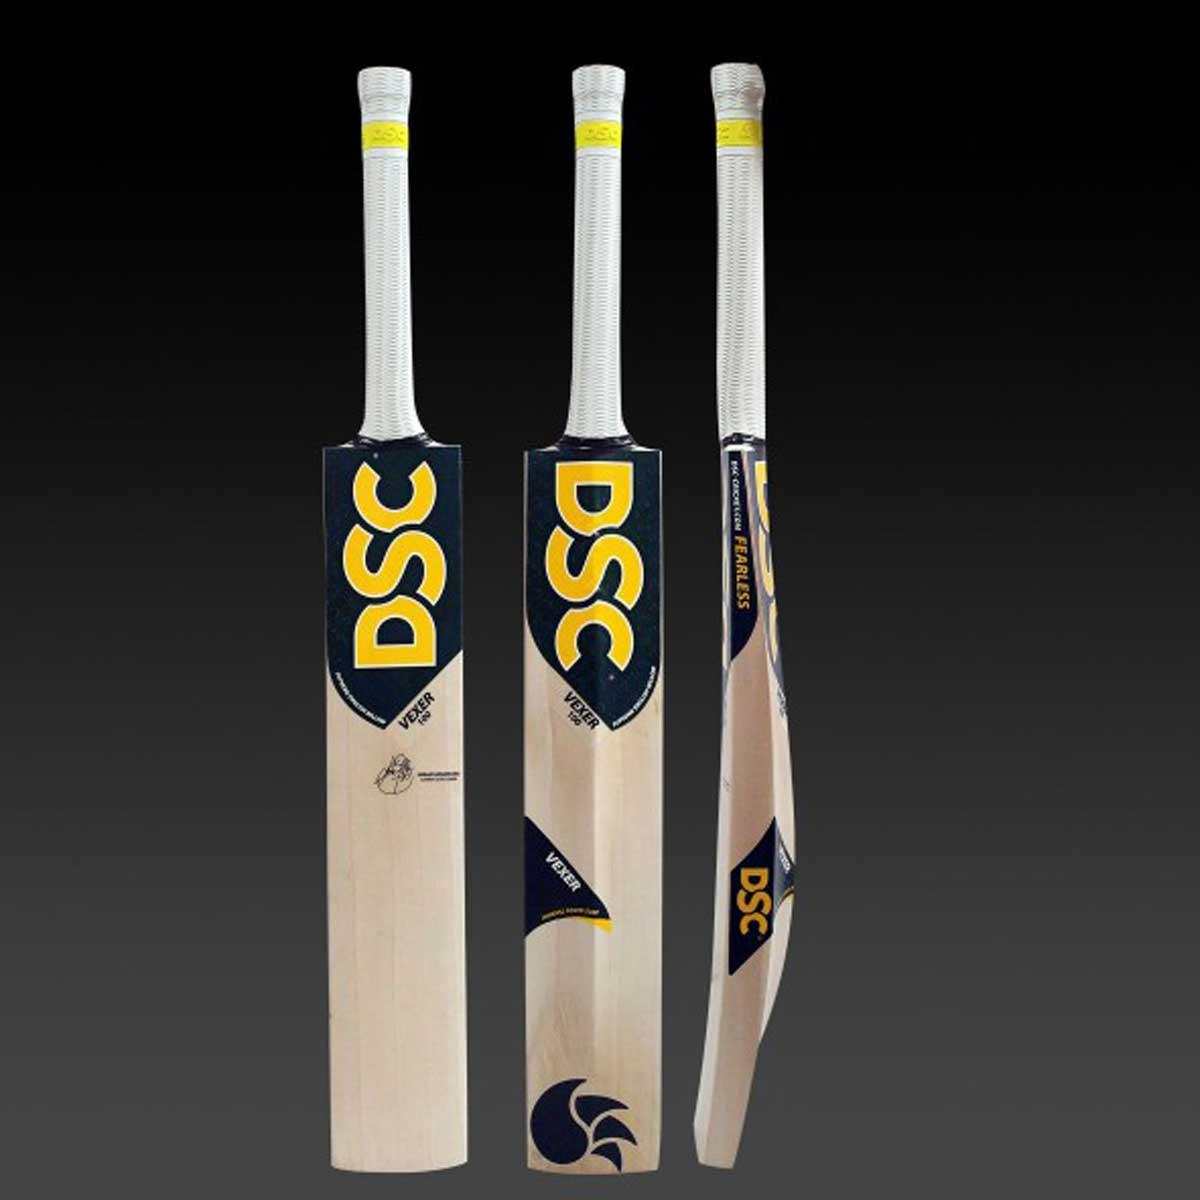 Buy Dsc Vexer 100 Cricket Bat Online India